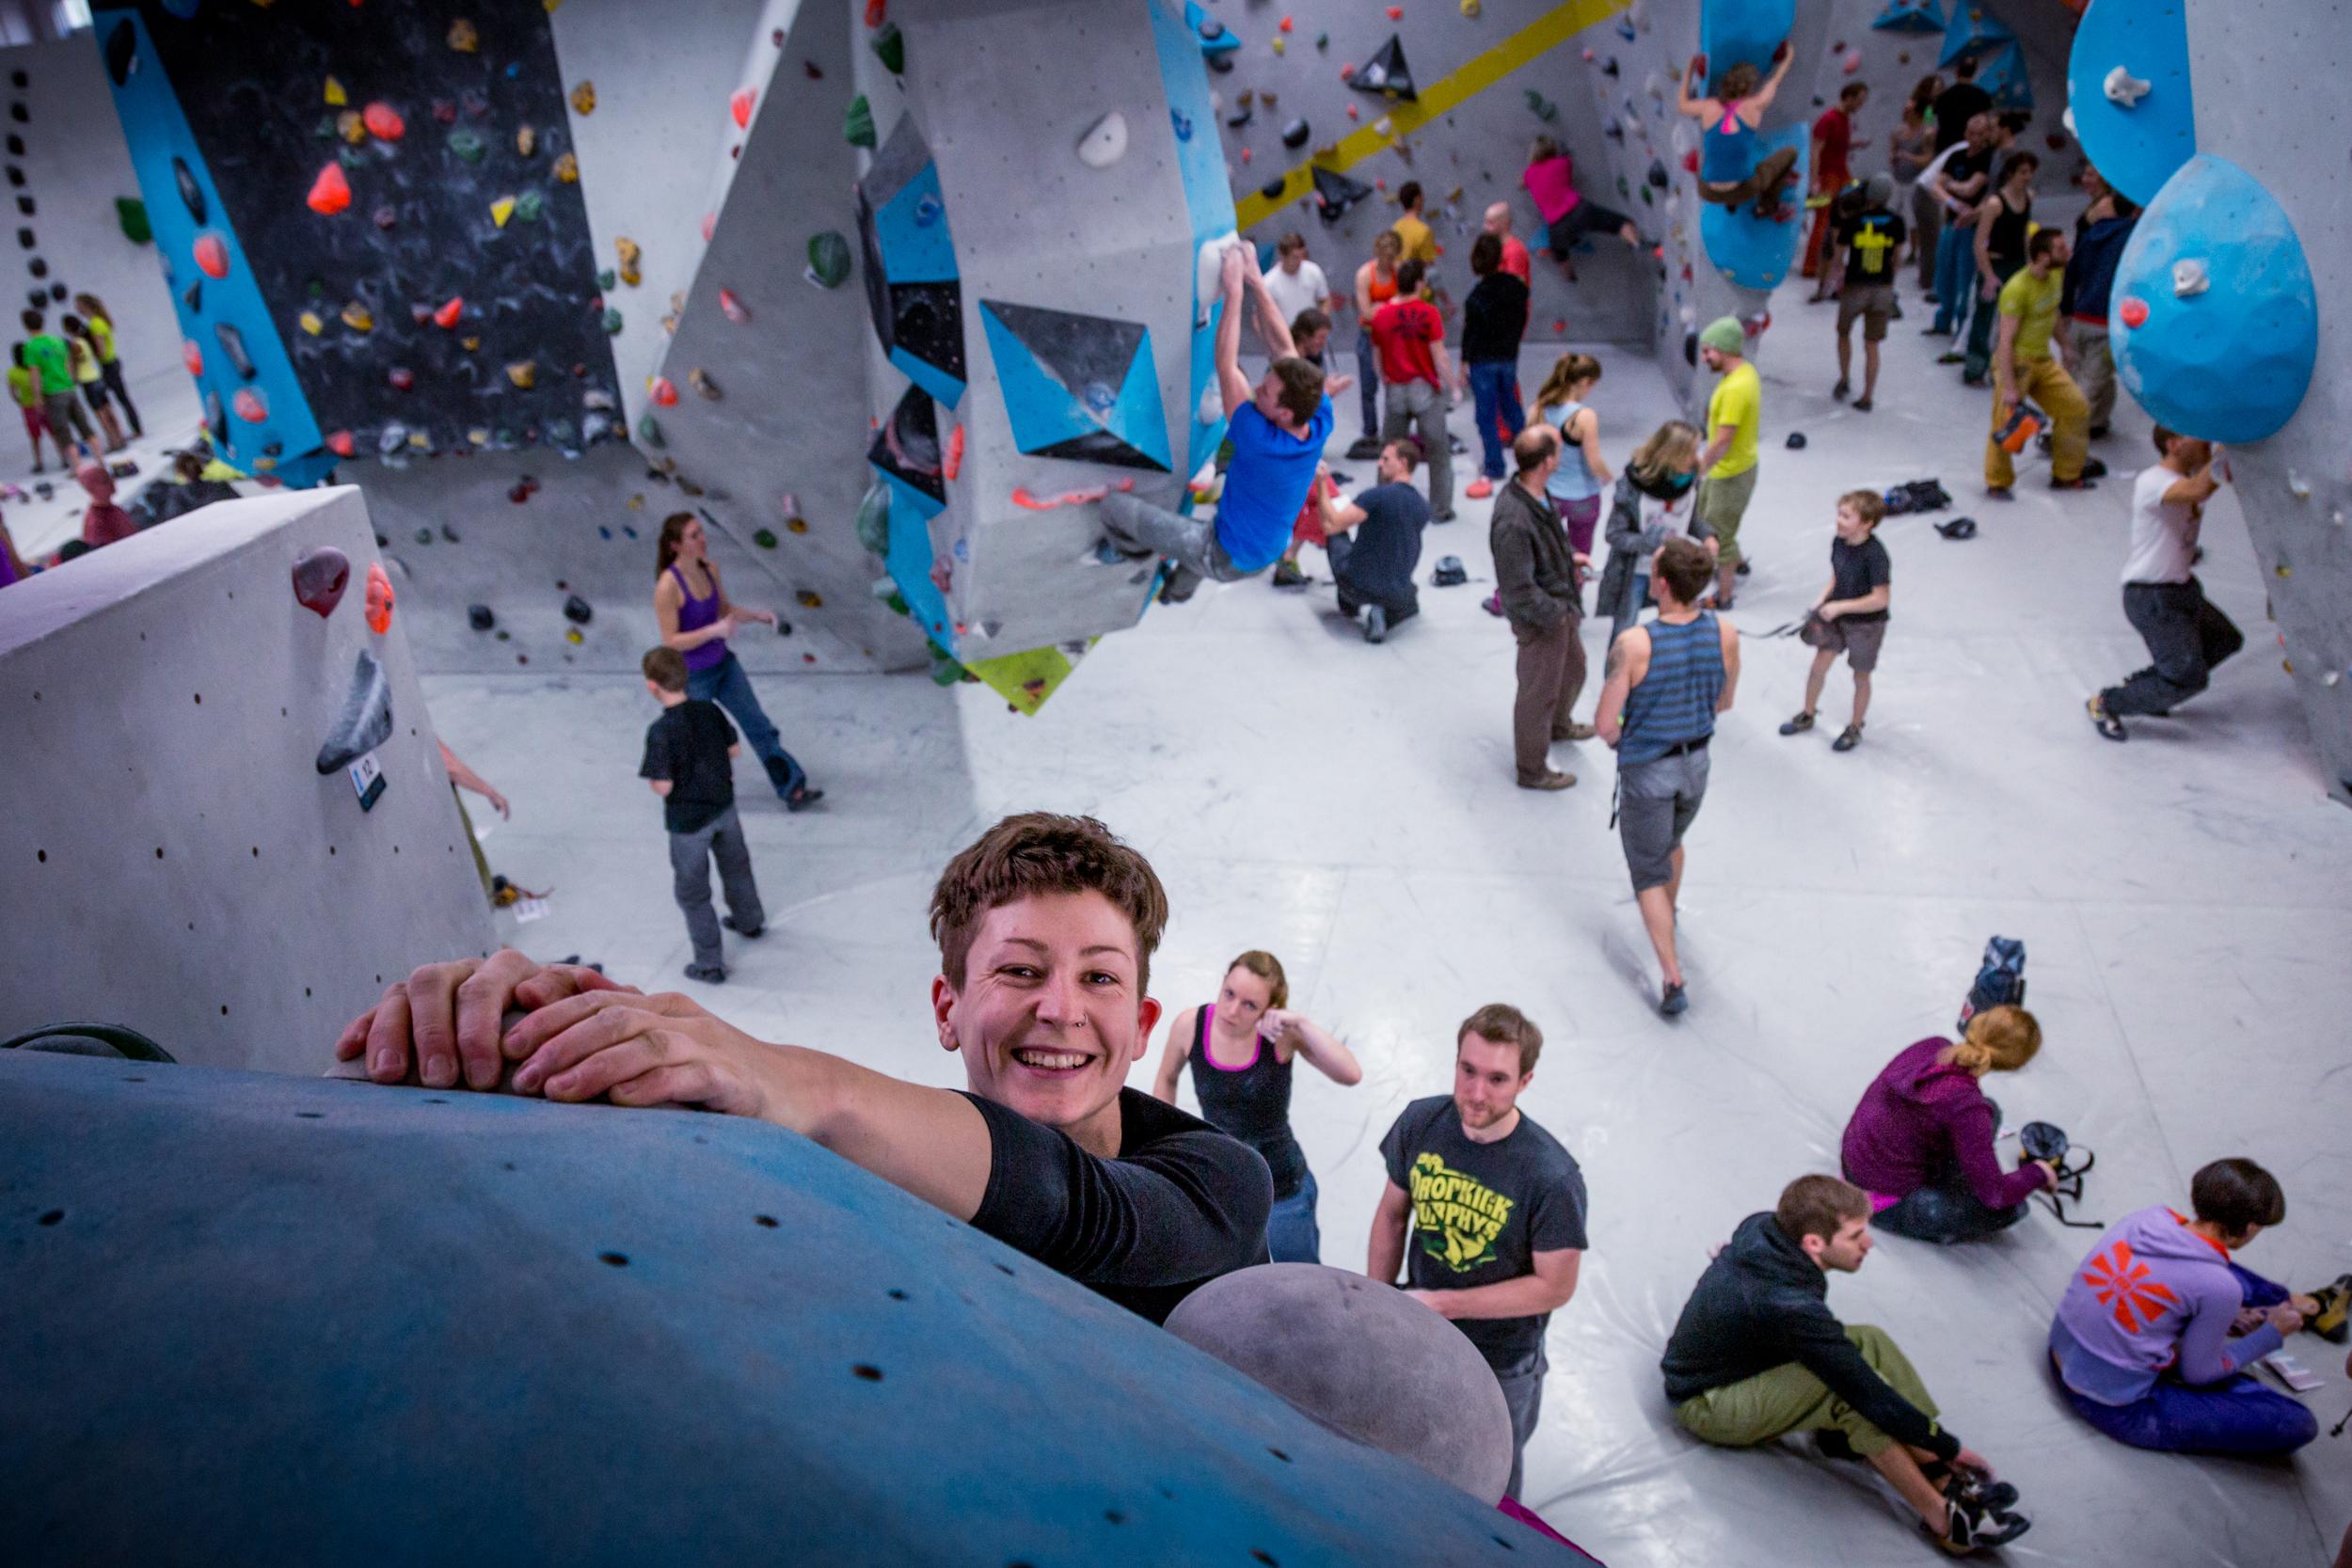 Beim Spaßwettkampf Day of the Boulder kann jeder mitmachen